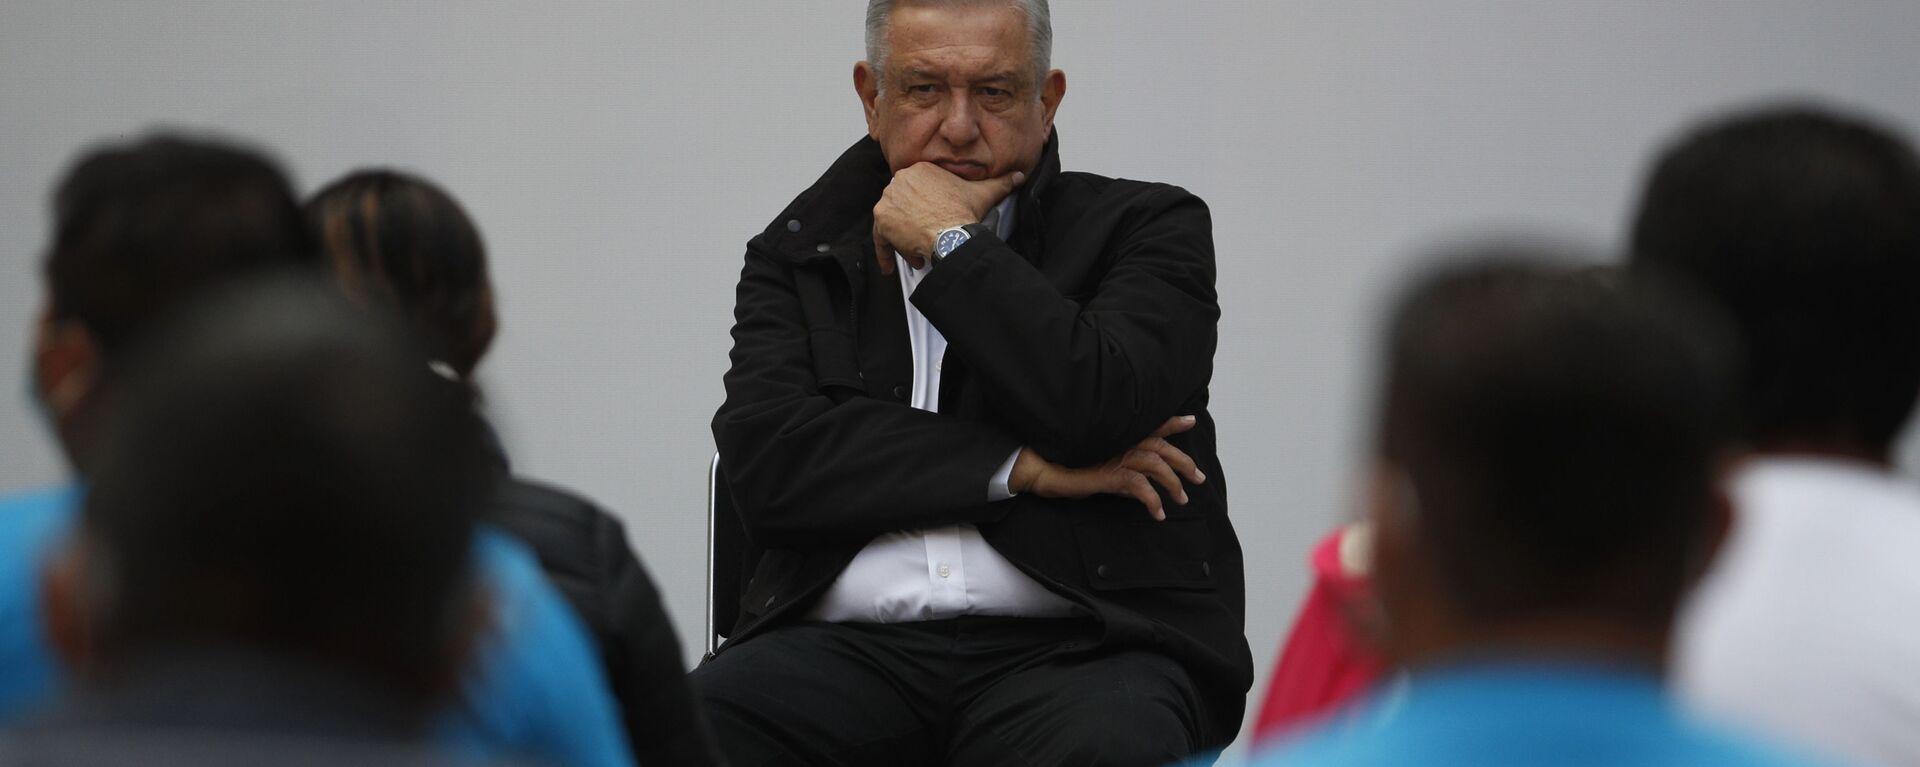 Andrés Manuel López Obrador, presidente de México, durante su encuentro con los familiares de los de los 43 estudiantes de Ayotzinapa, en el Palacio Nacional, el 26 de septiembre de 2020 - Sputnik Mundo, 1920, 27.05.2021